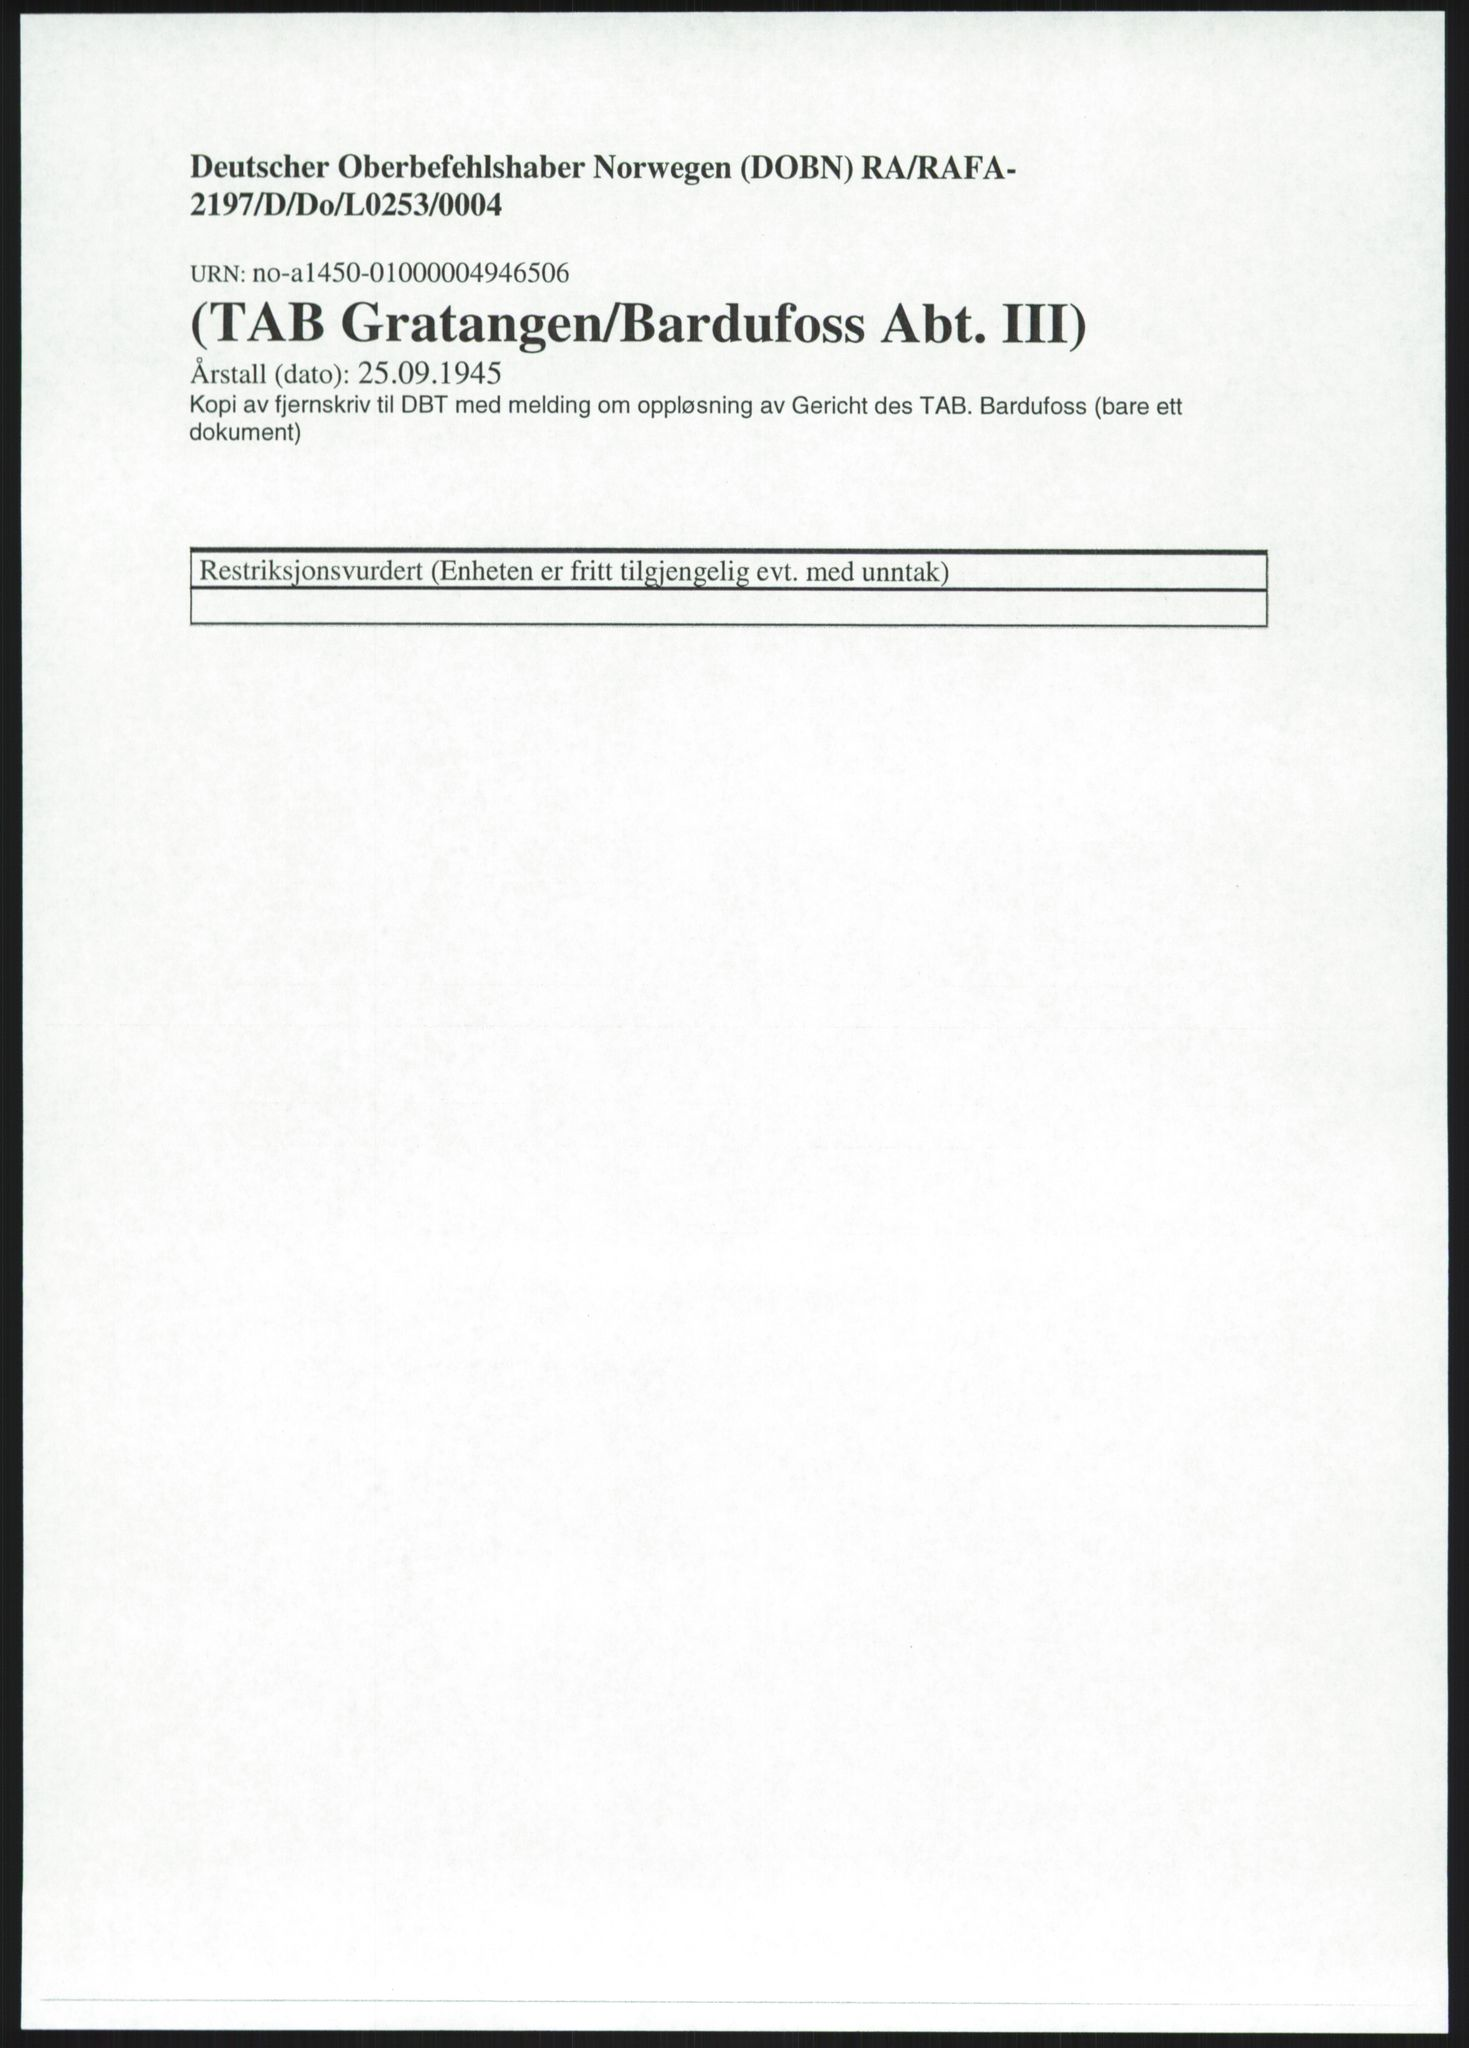 RA, Deutscher Oberbefehlshaber Norwegen (DOBN), D/Do/L0253: TAB Gratangen/Bardufoss, 1945